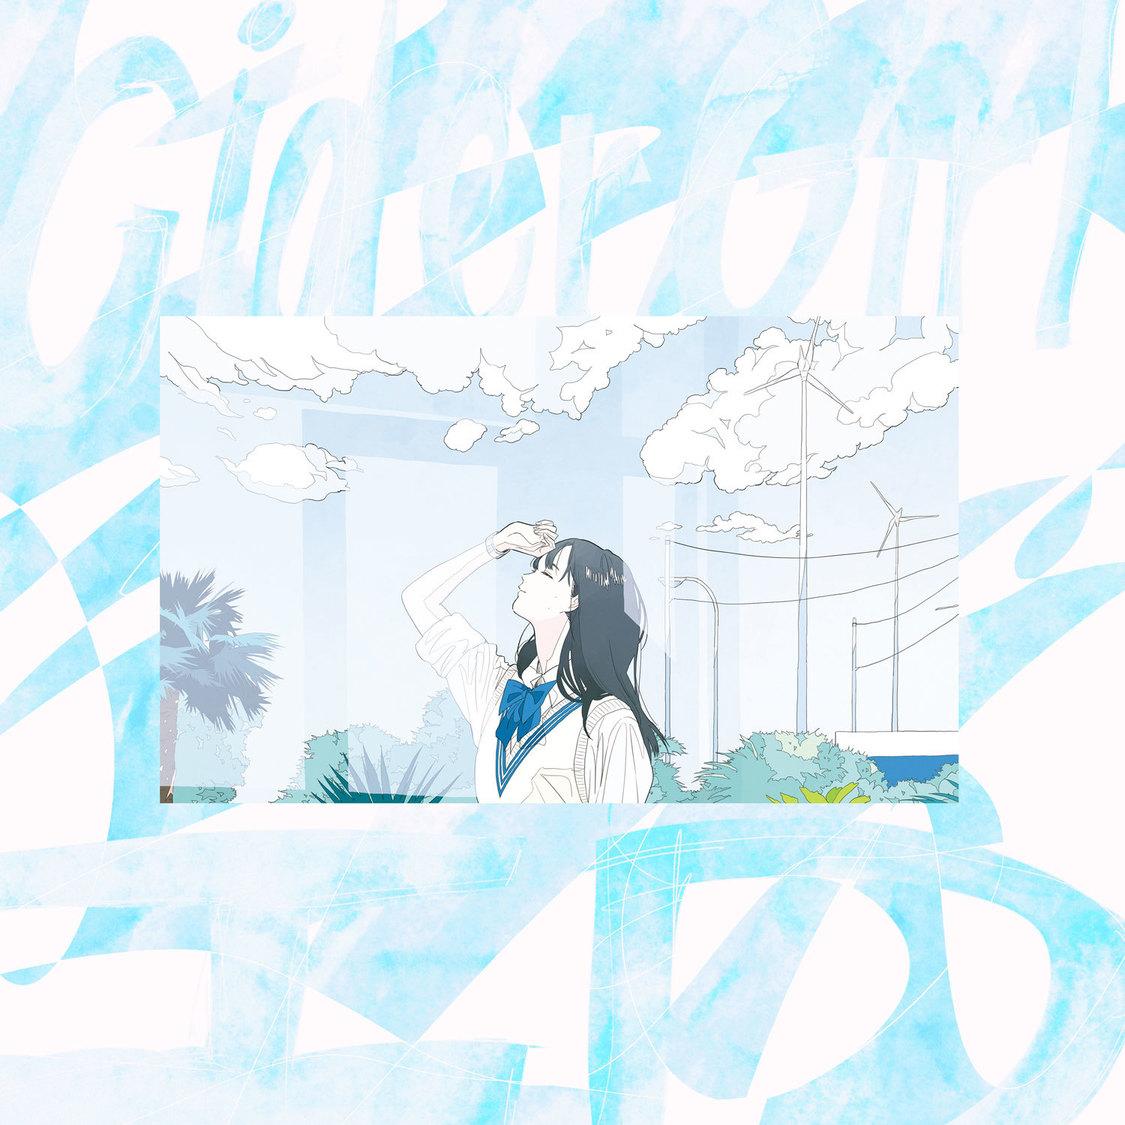 莉子、サイダーガール「ID」MV出演! 10代女子の心の機微を繊細に表現